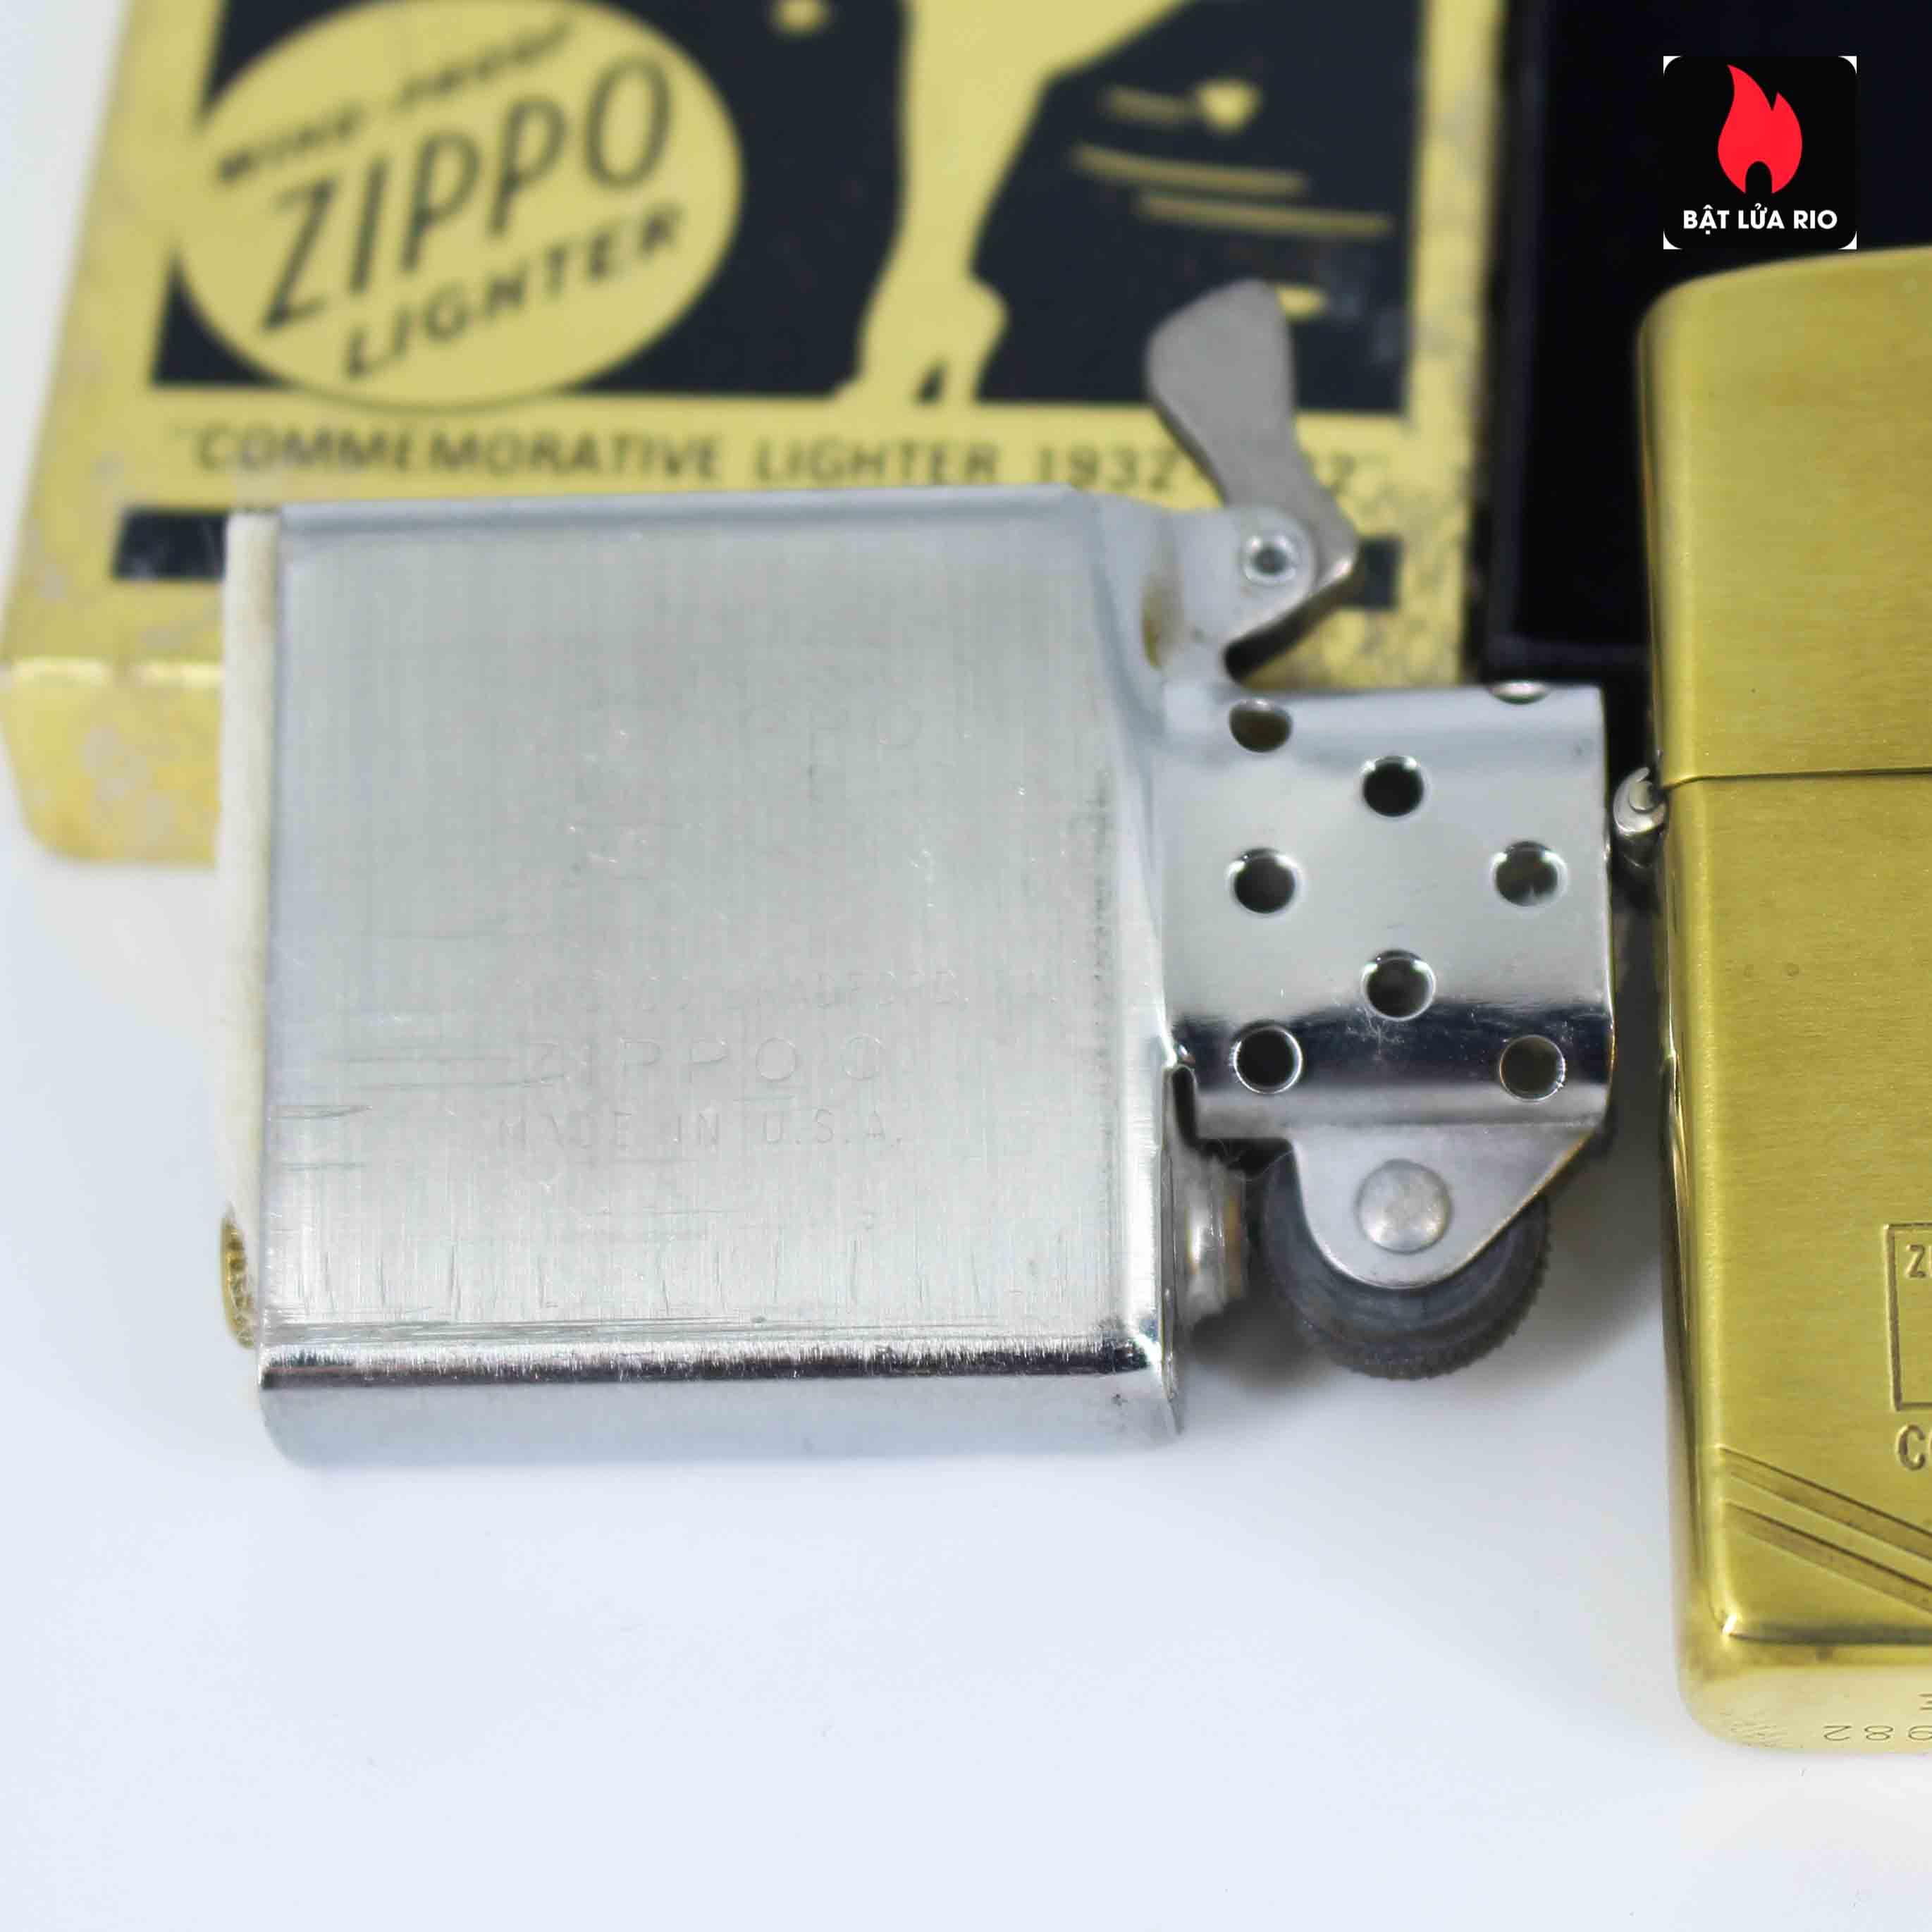 Zippo Chu Niên 1932 - 1982 - 50th Commemorative Lighter - Bông Lúa 6